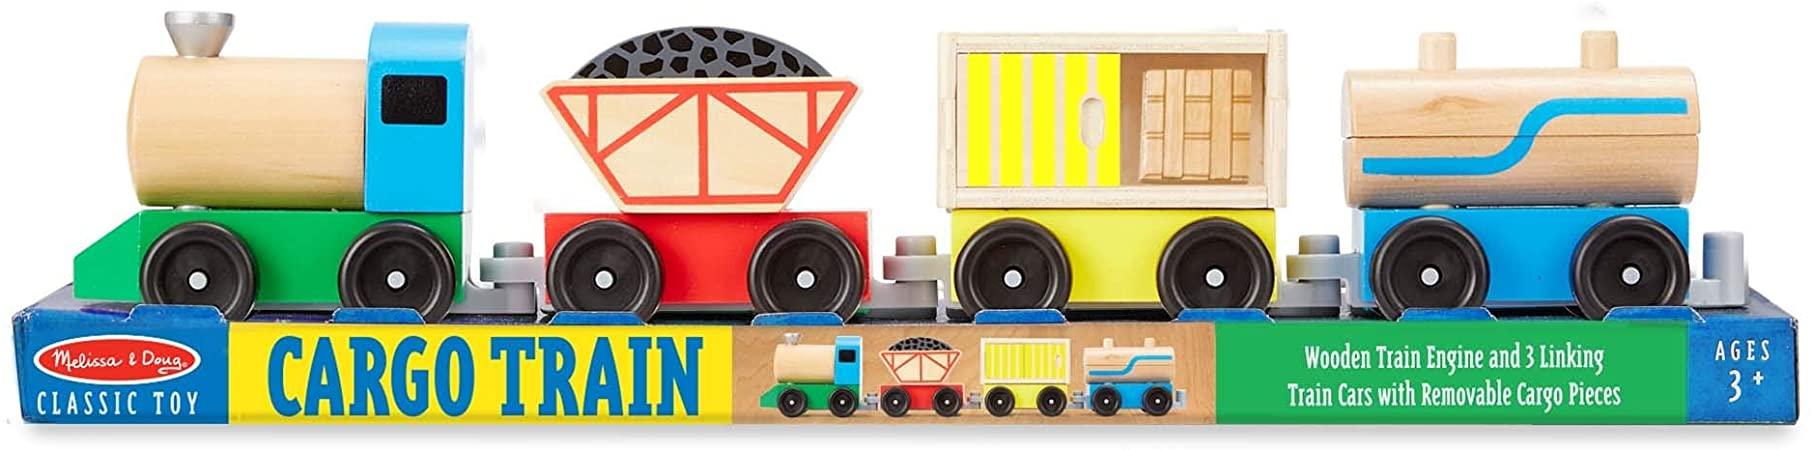 Classic Cargo Train